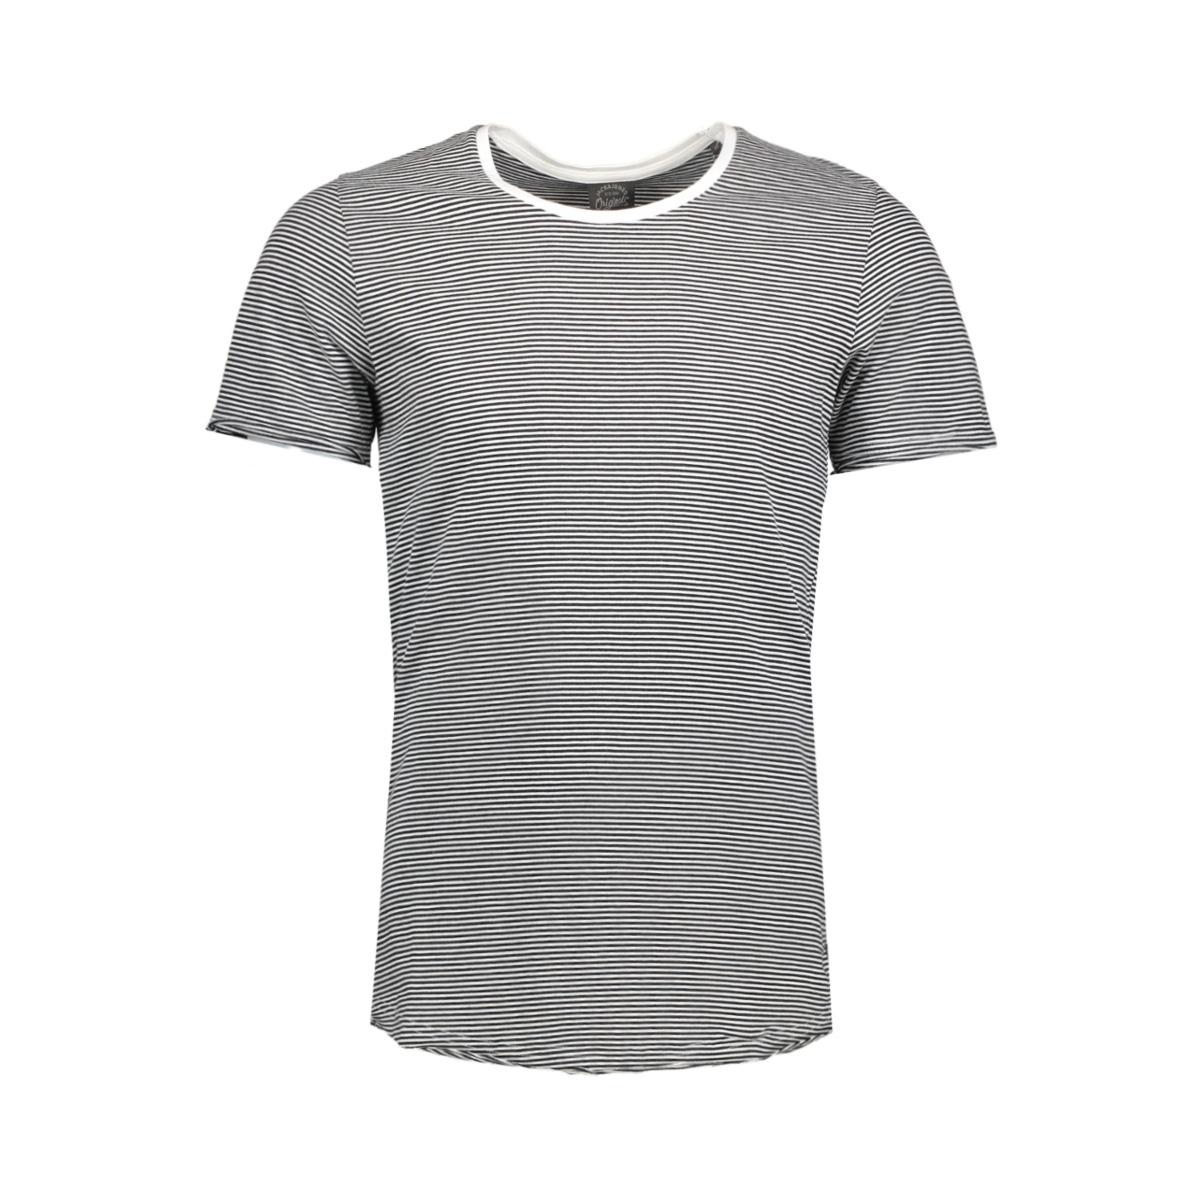 jorinsta tee ss crew neck 12125144 jack & jones t-shirt cloud dancer